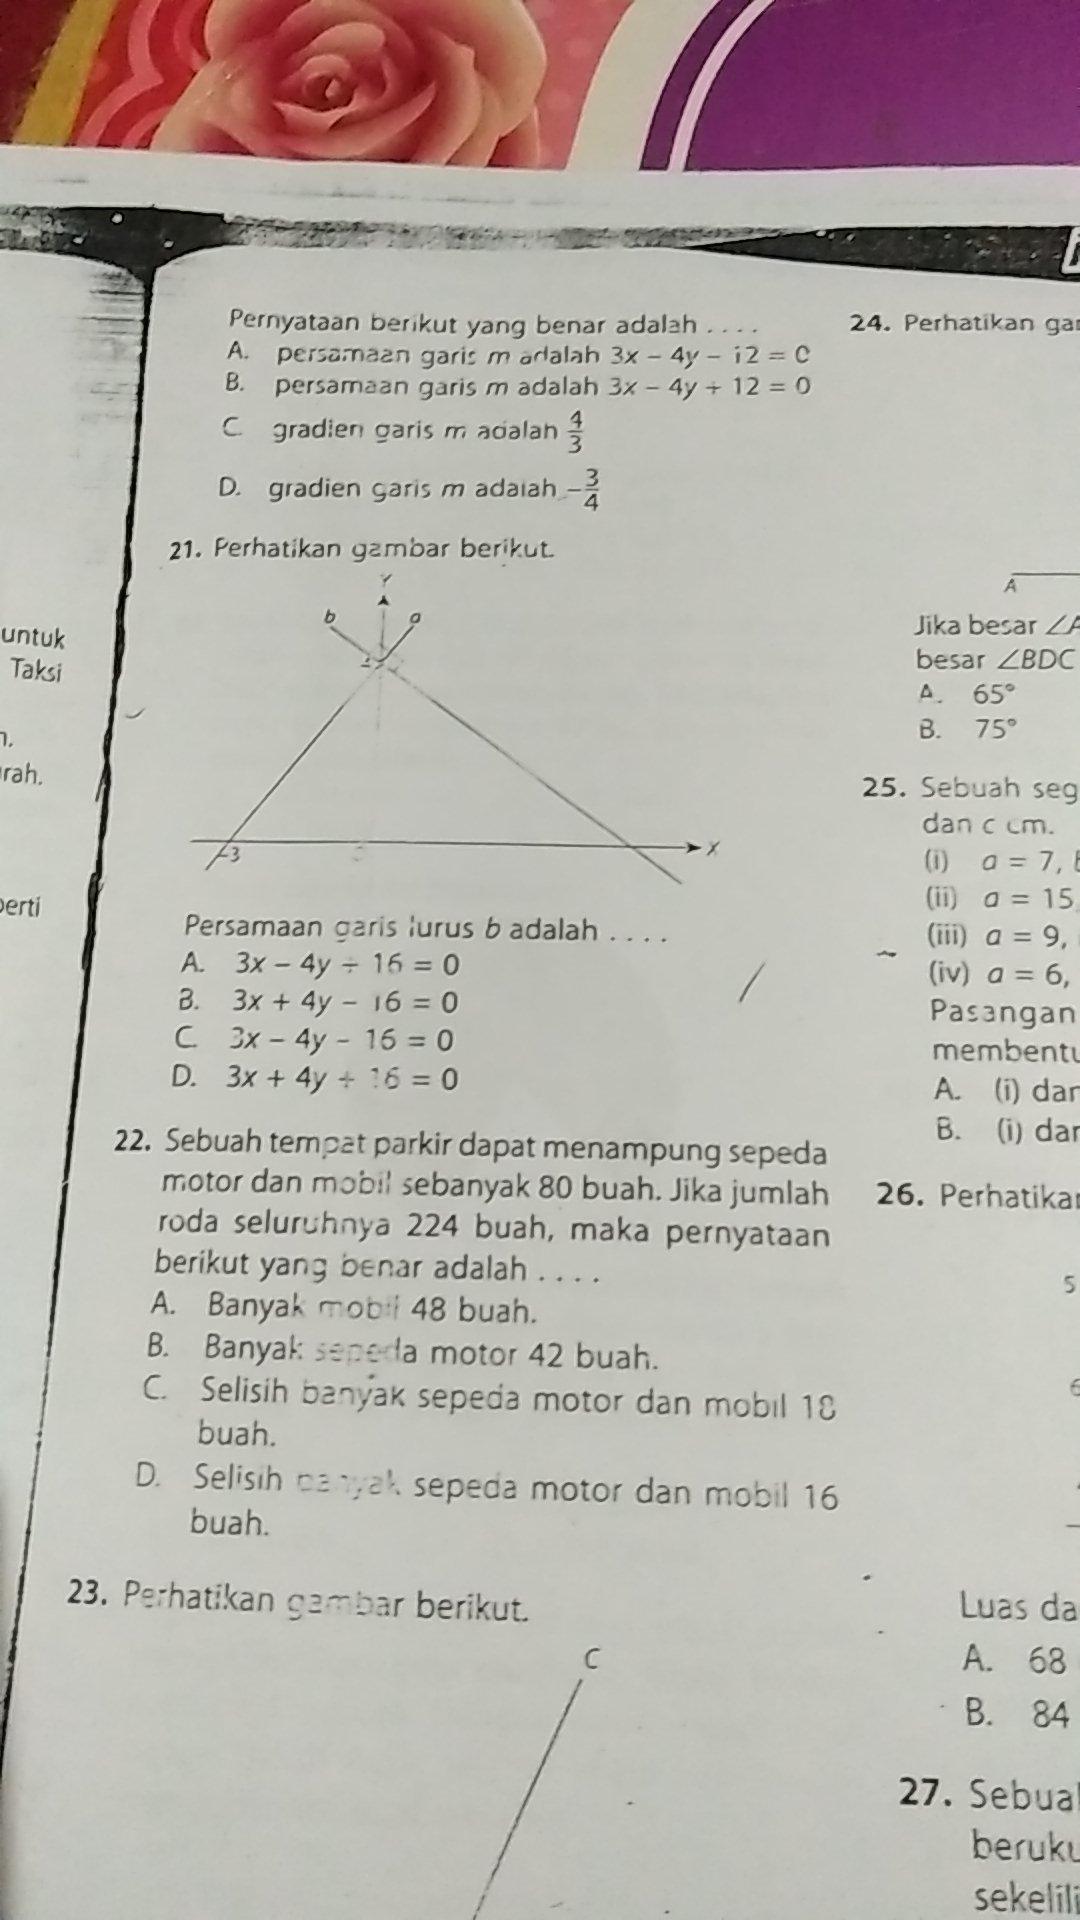 nomor 22 persamaan garis lurus b adalah a 3x 4y 16=0b 3x 4y 16=0c 2018 09 25 07 12 01 Unduh